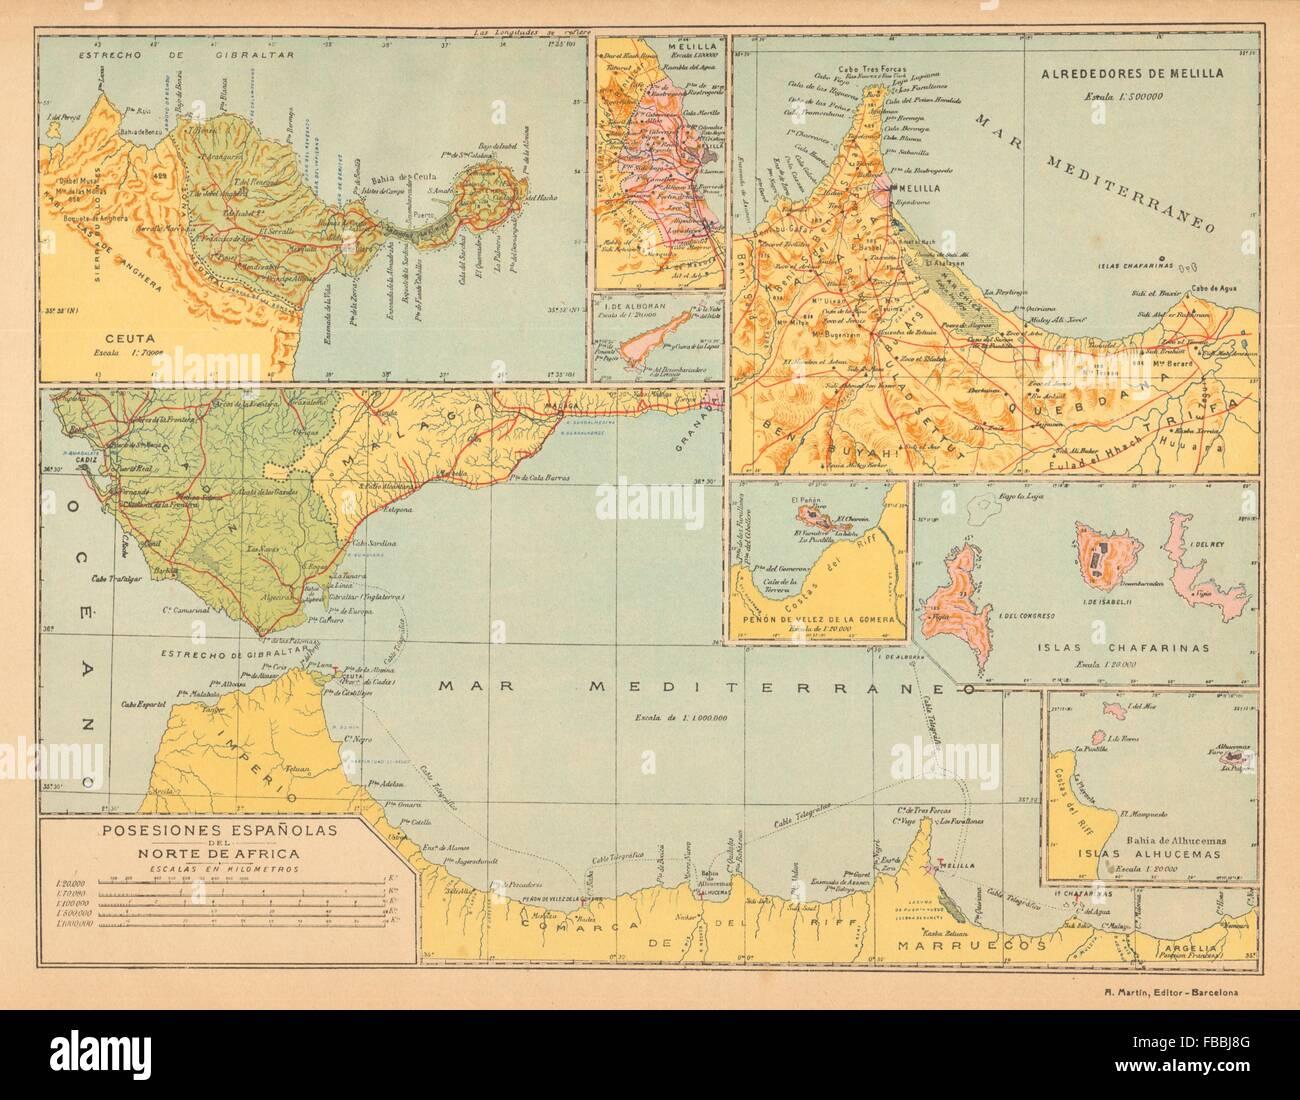 Mapa Marruecos Ceuta Y Melilla.Norte De Africa Espanol Ceuta Melilla Marruecos Alboran